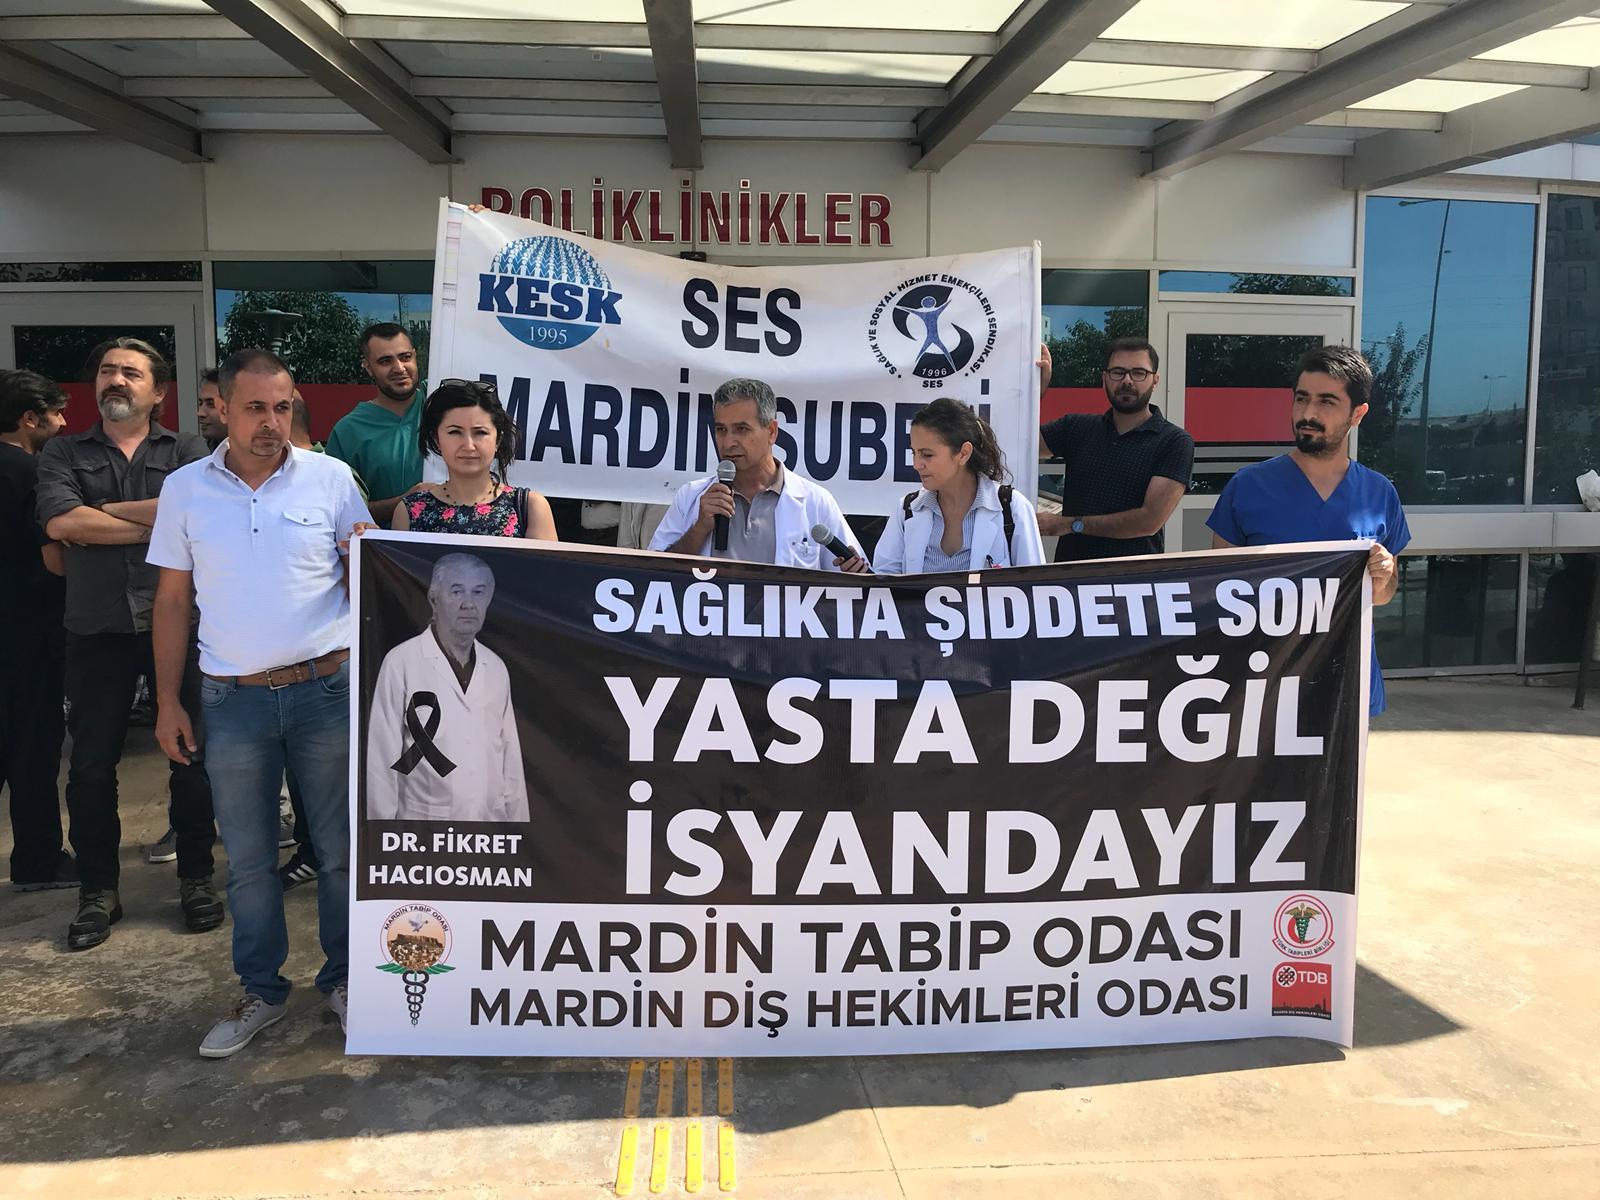 Mardin: Artık yeter! Bir arkadaşımızı daha bu şiddet ortamında kaybetmek istemiyoruz!